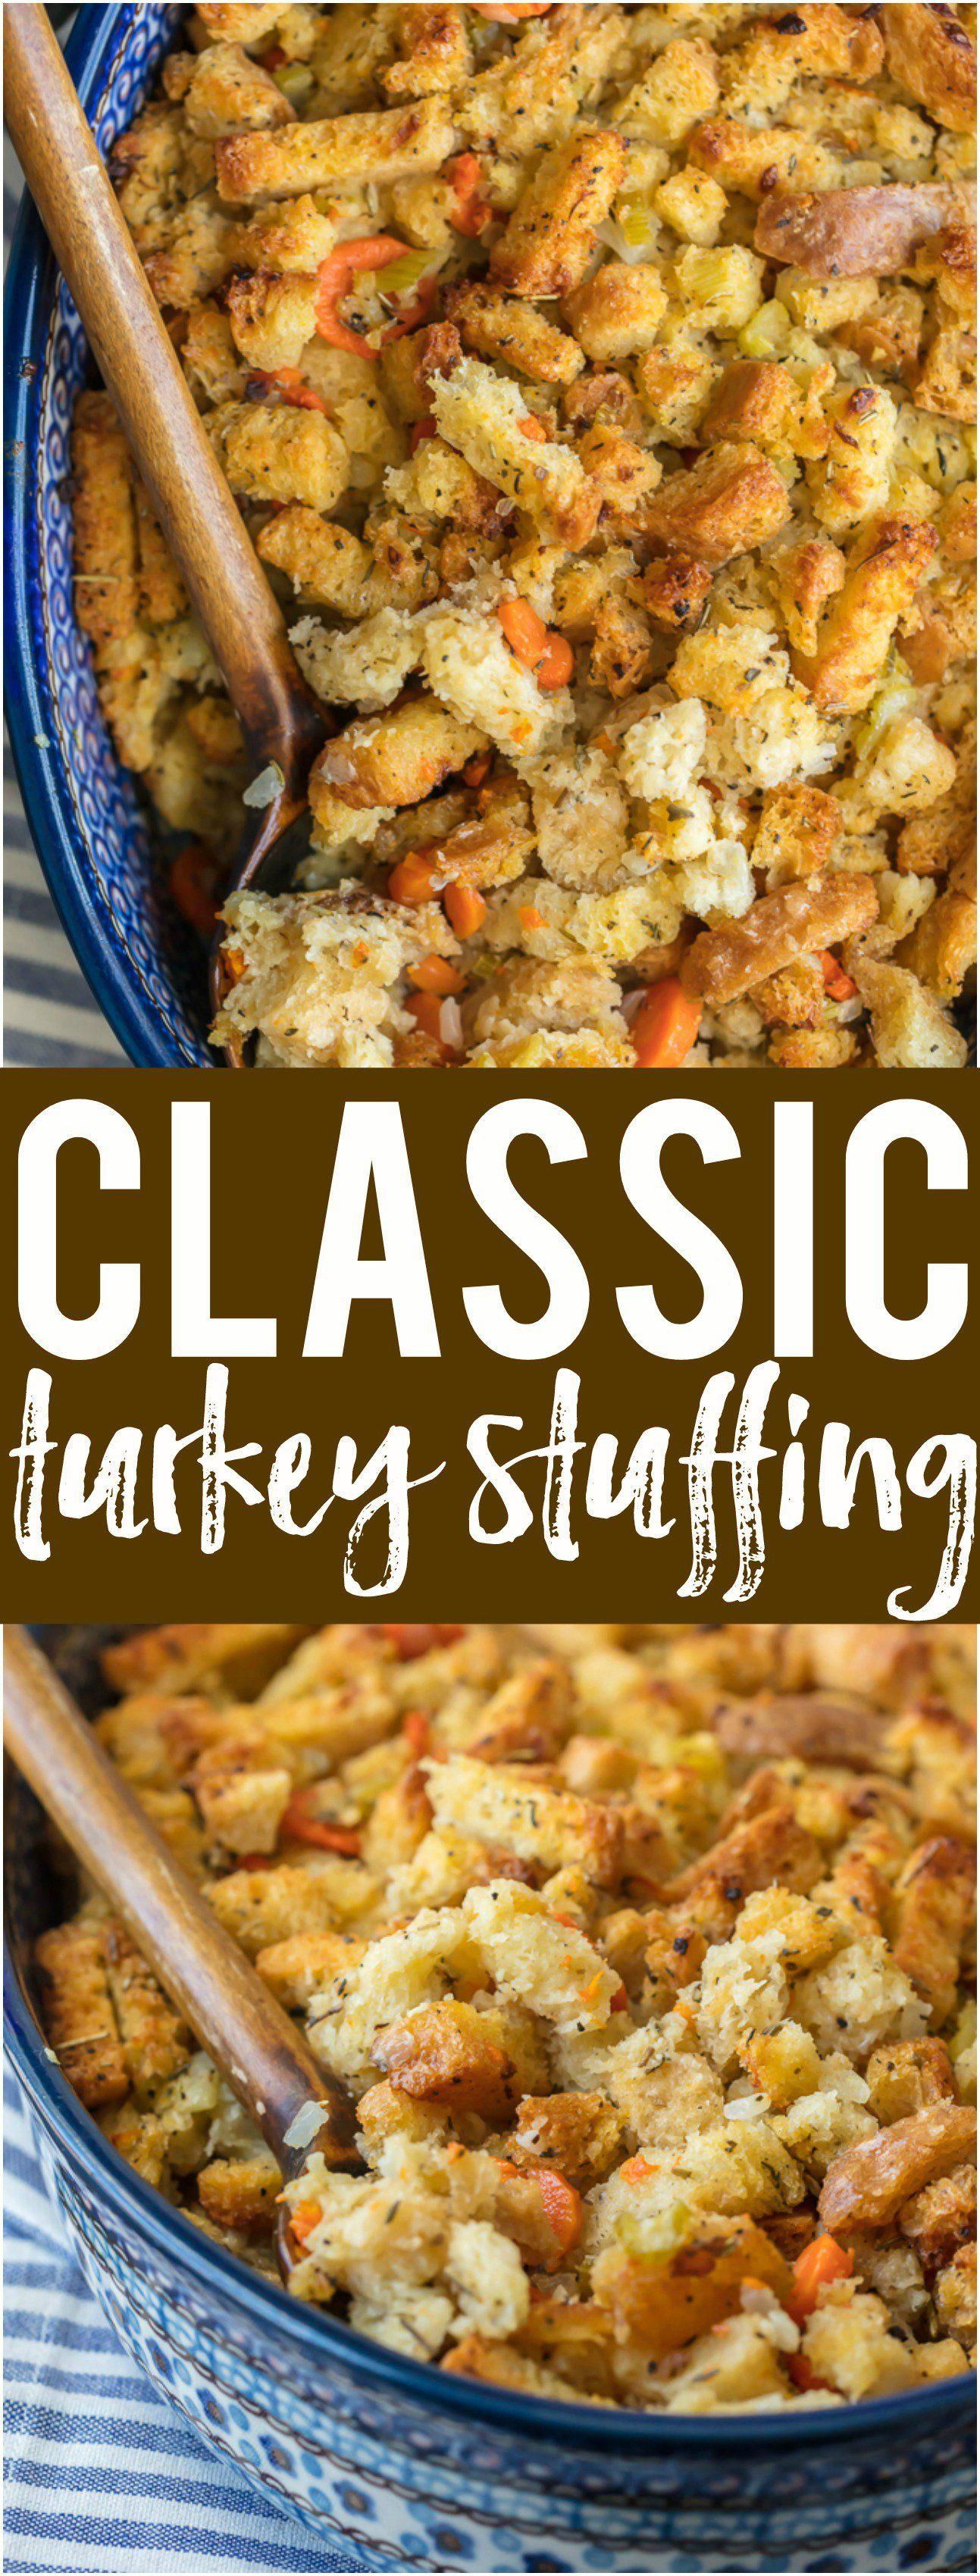 Classic Turkey Stuffing Turkey stuffing recipes